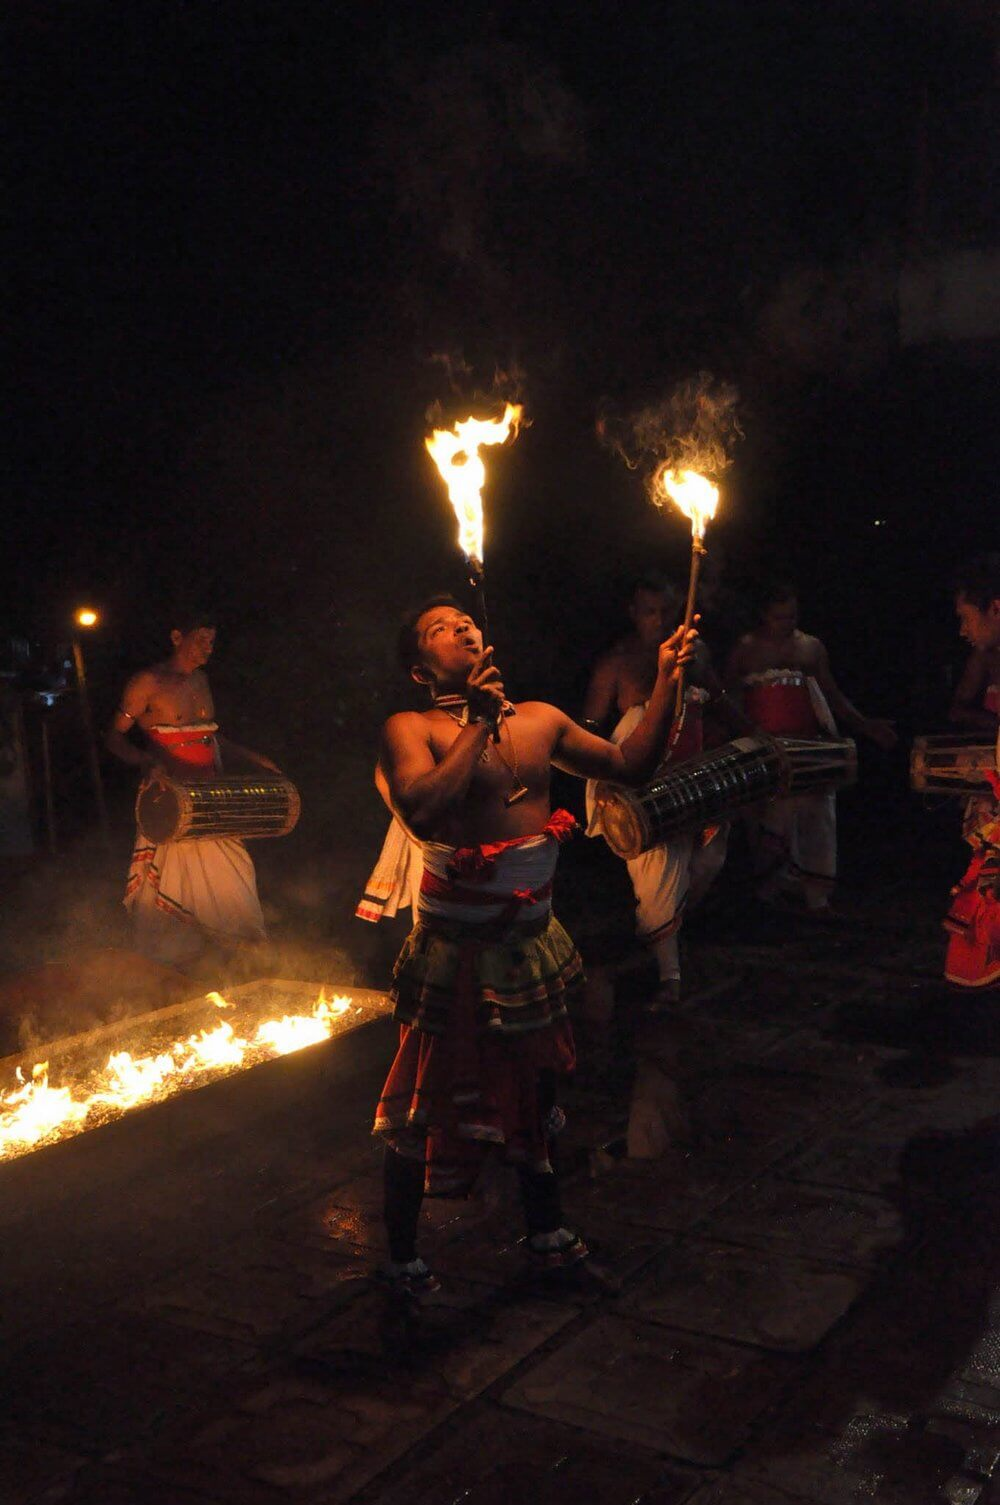 ludowy taniec z ogniem - Kandy Sri Lanka